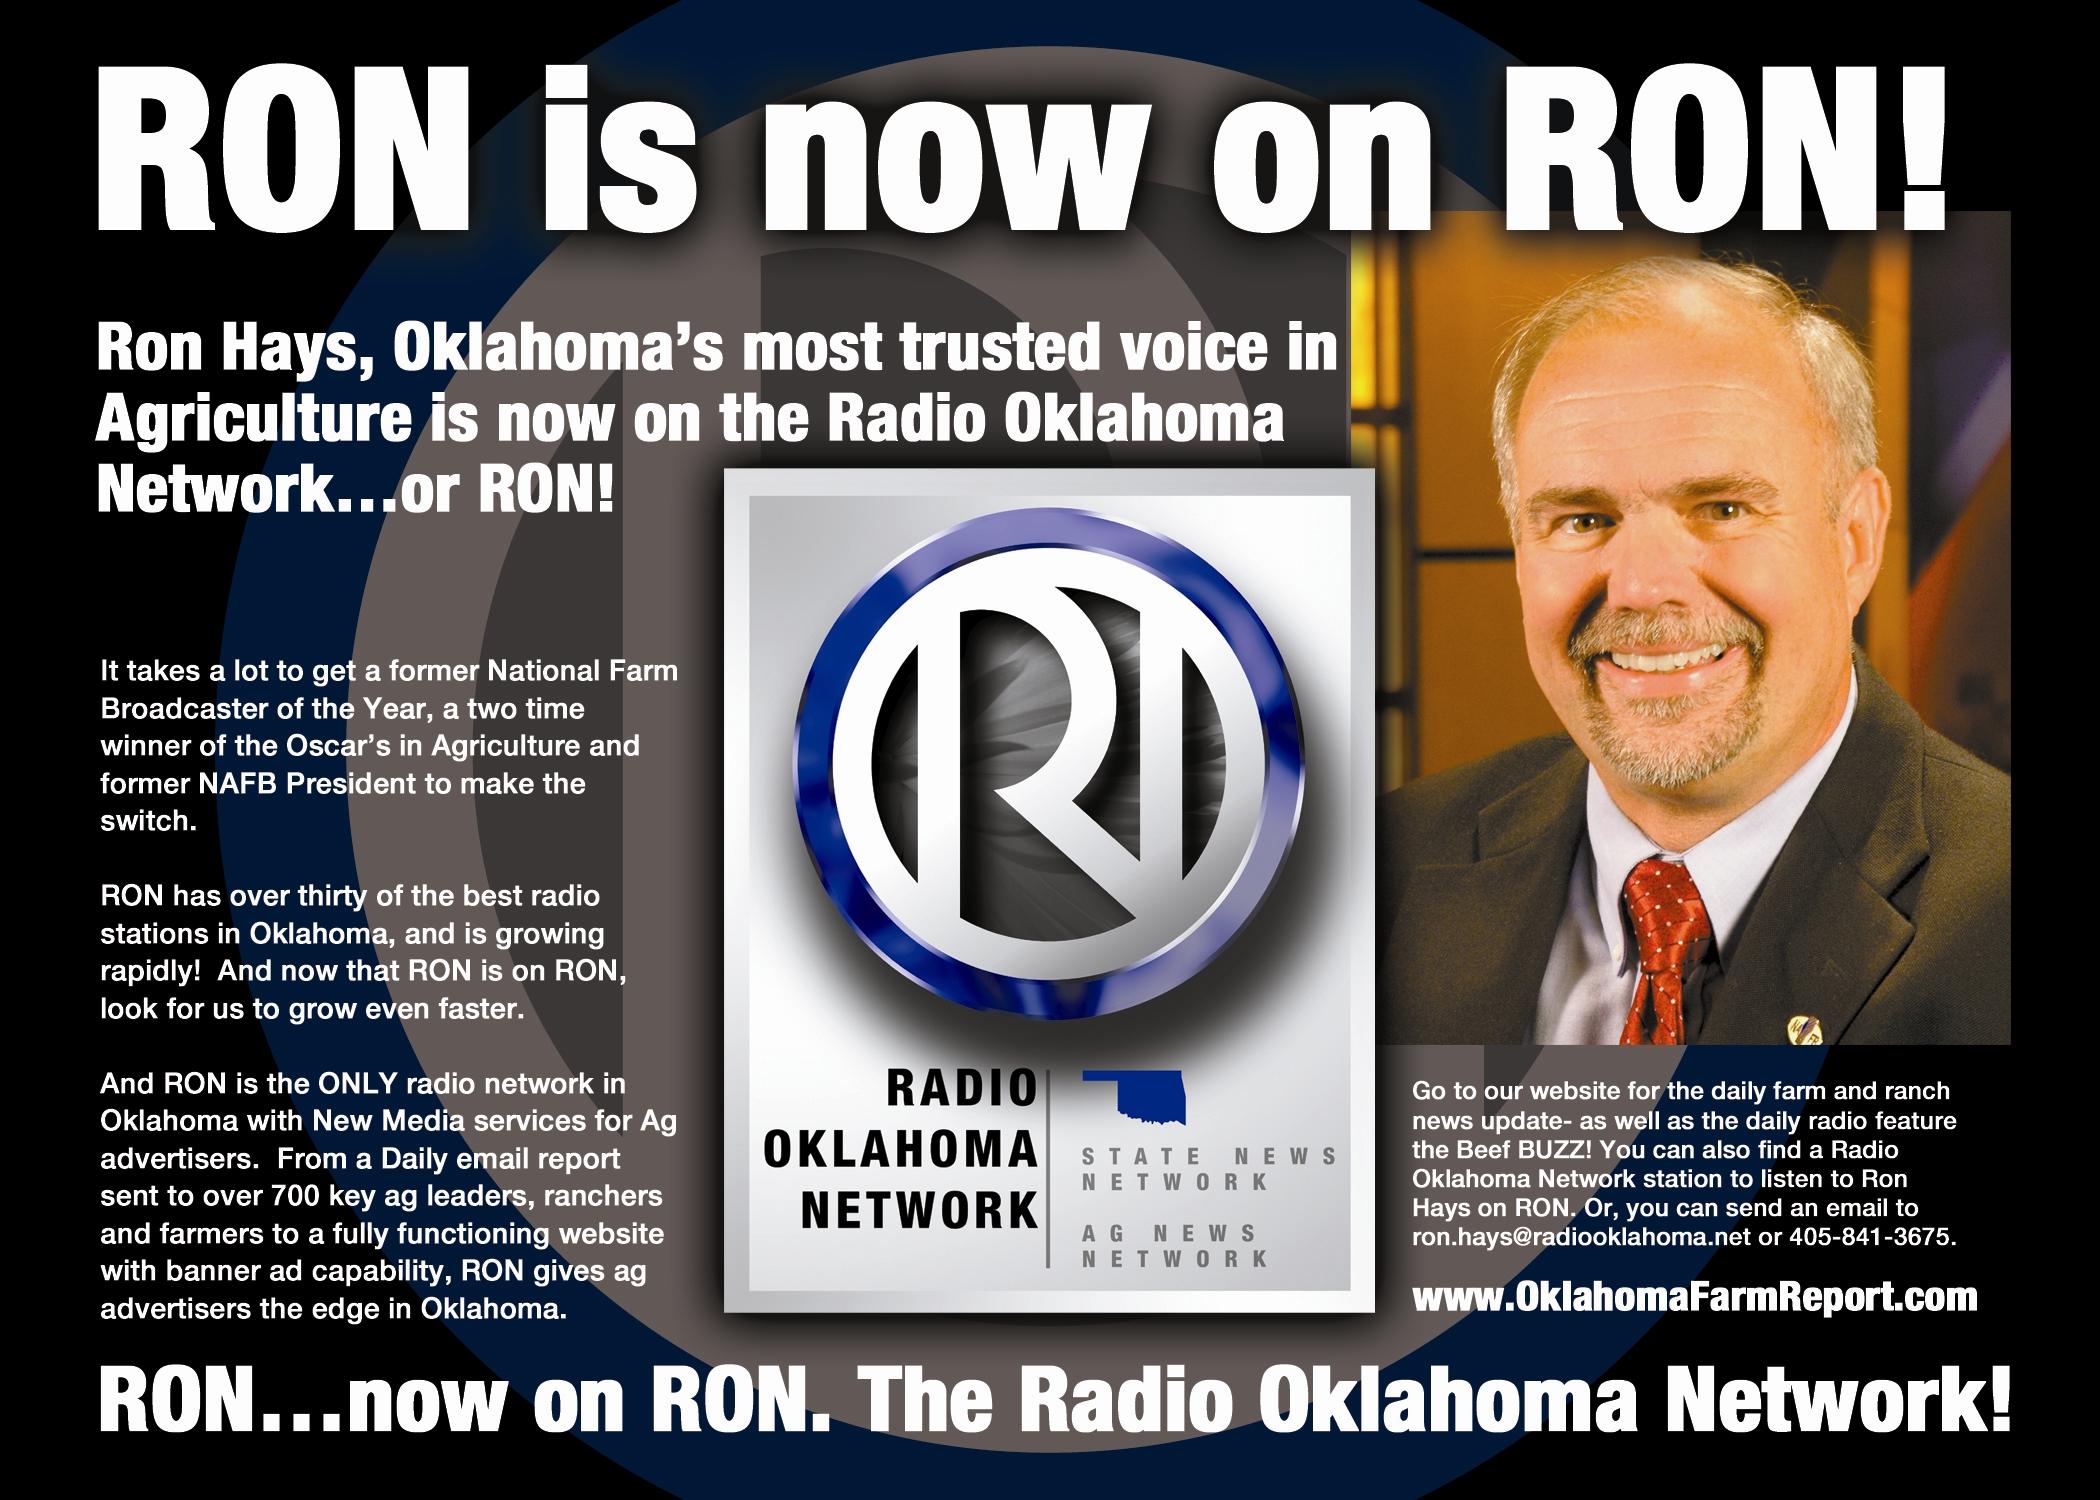 Ron on RON